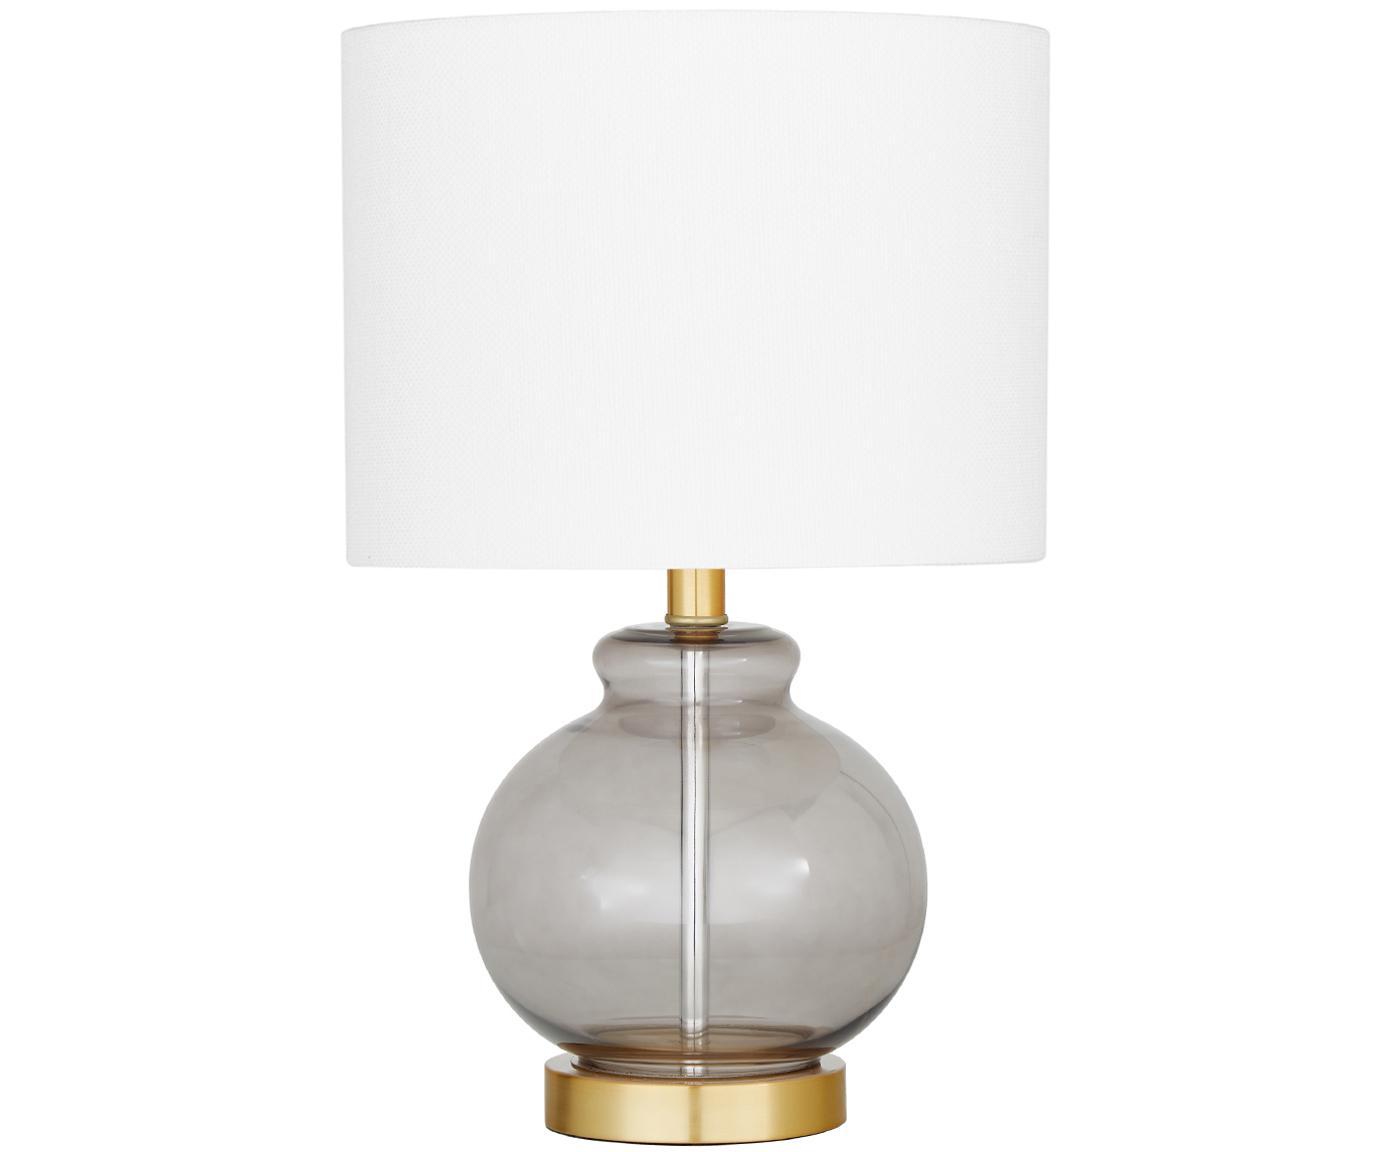 Tischleuchte Natty mit Glasfuß, Lampenschirm: Textil, Lampenfuß: Glas, Messing, gebürstet, Weiß, Blaugrau, transparent, Ø 31 x H 48 cm